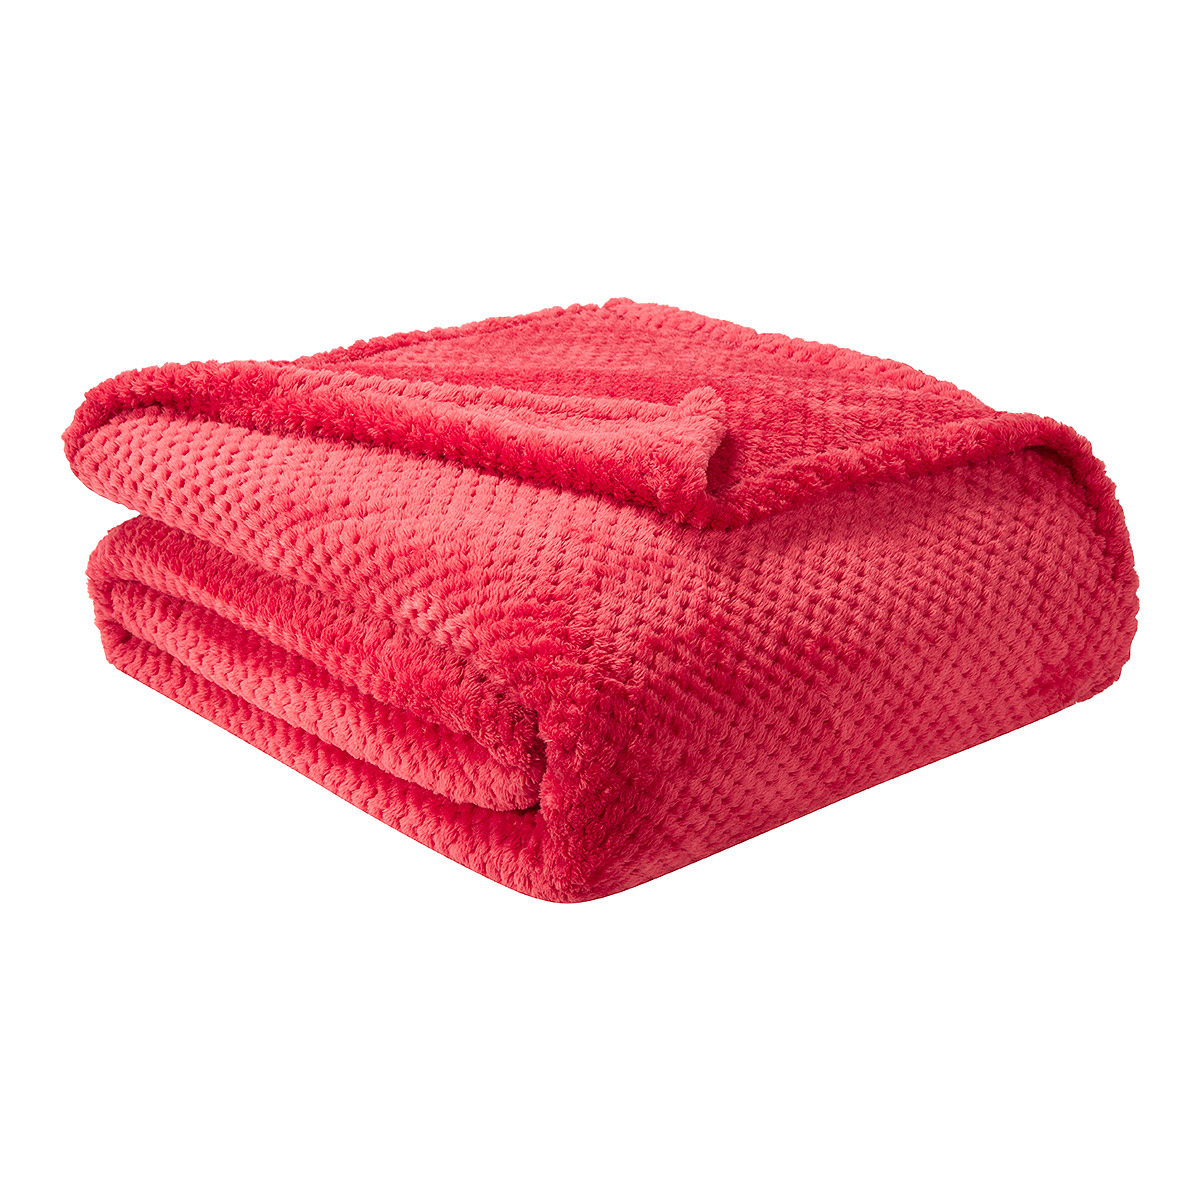 promotion 30 i fil home couvre lit sweet rouge 220 x. Black Bedroom Furniture Sets. Home Design Ideas